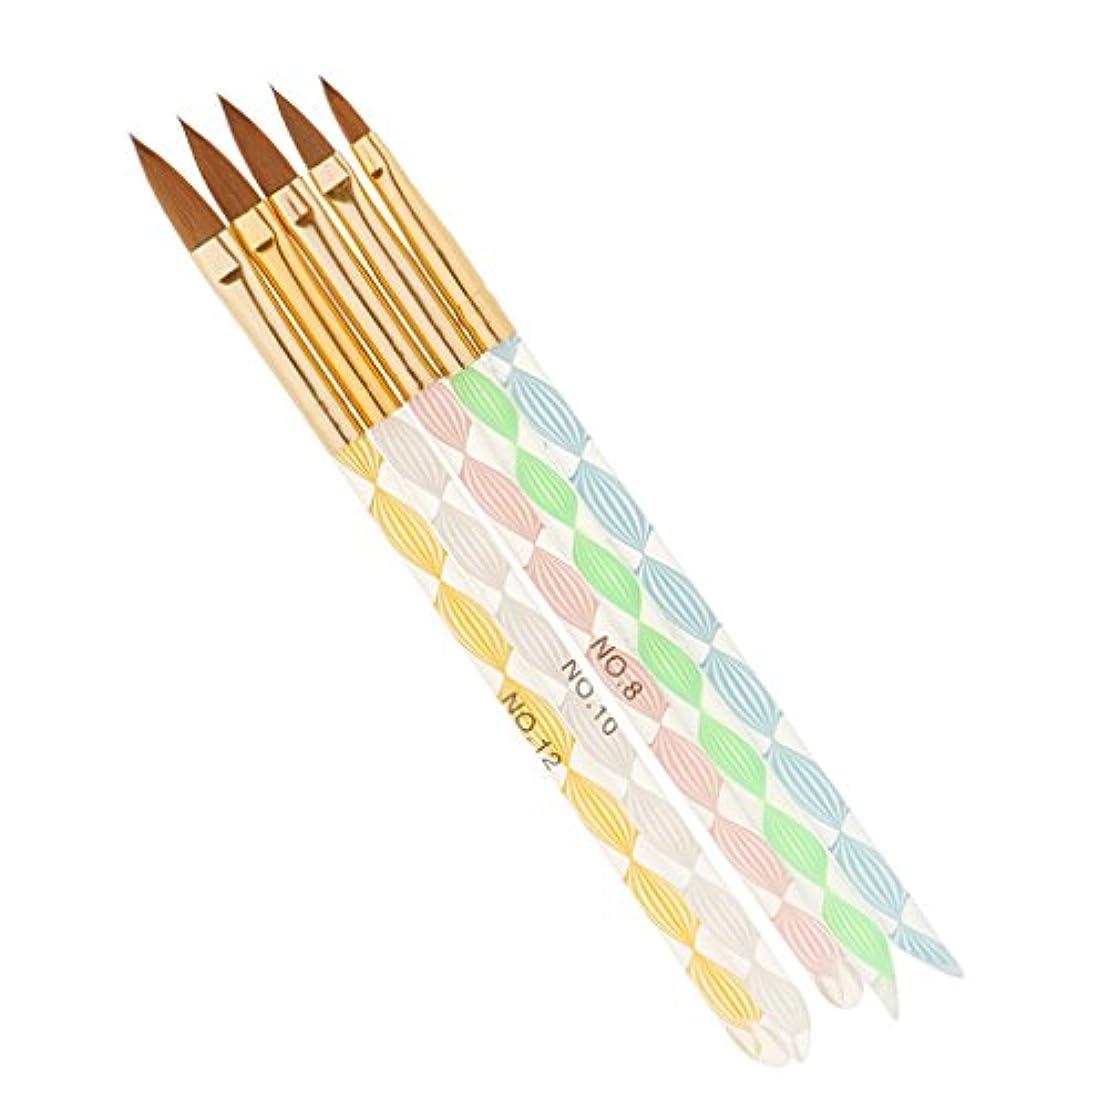 ピンクリボン酔ったPerfk 5本 ネイルアート デザイン ブラシキット マニキュアツール 絵画 描画 磨き ブラシ